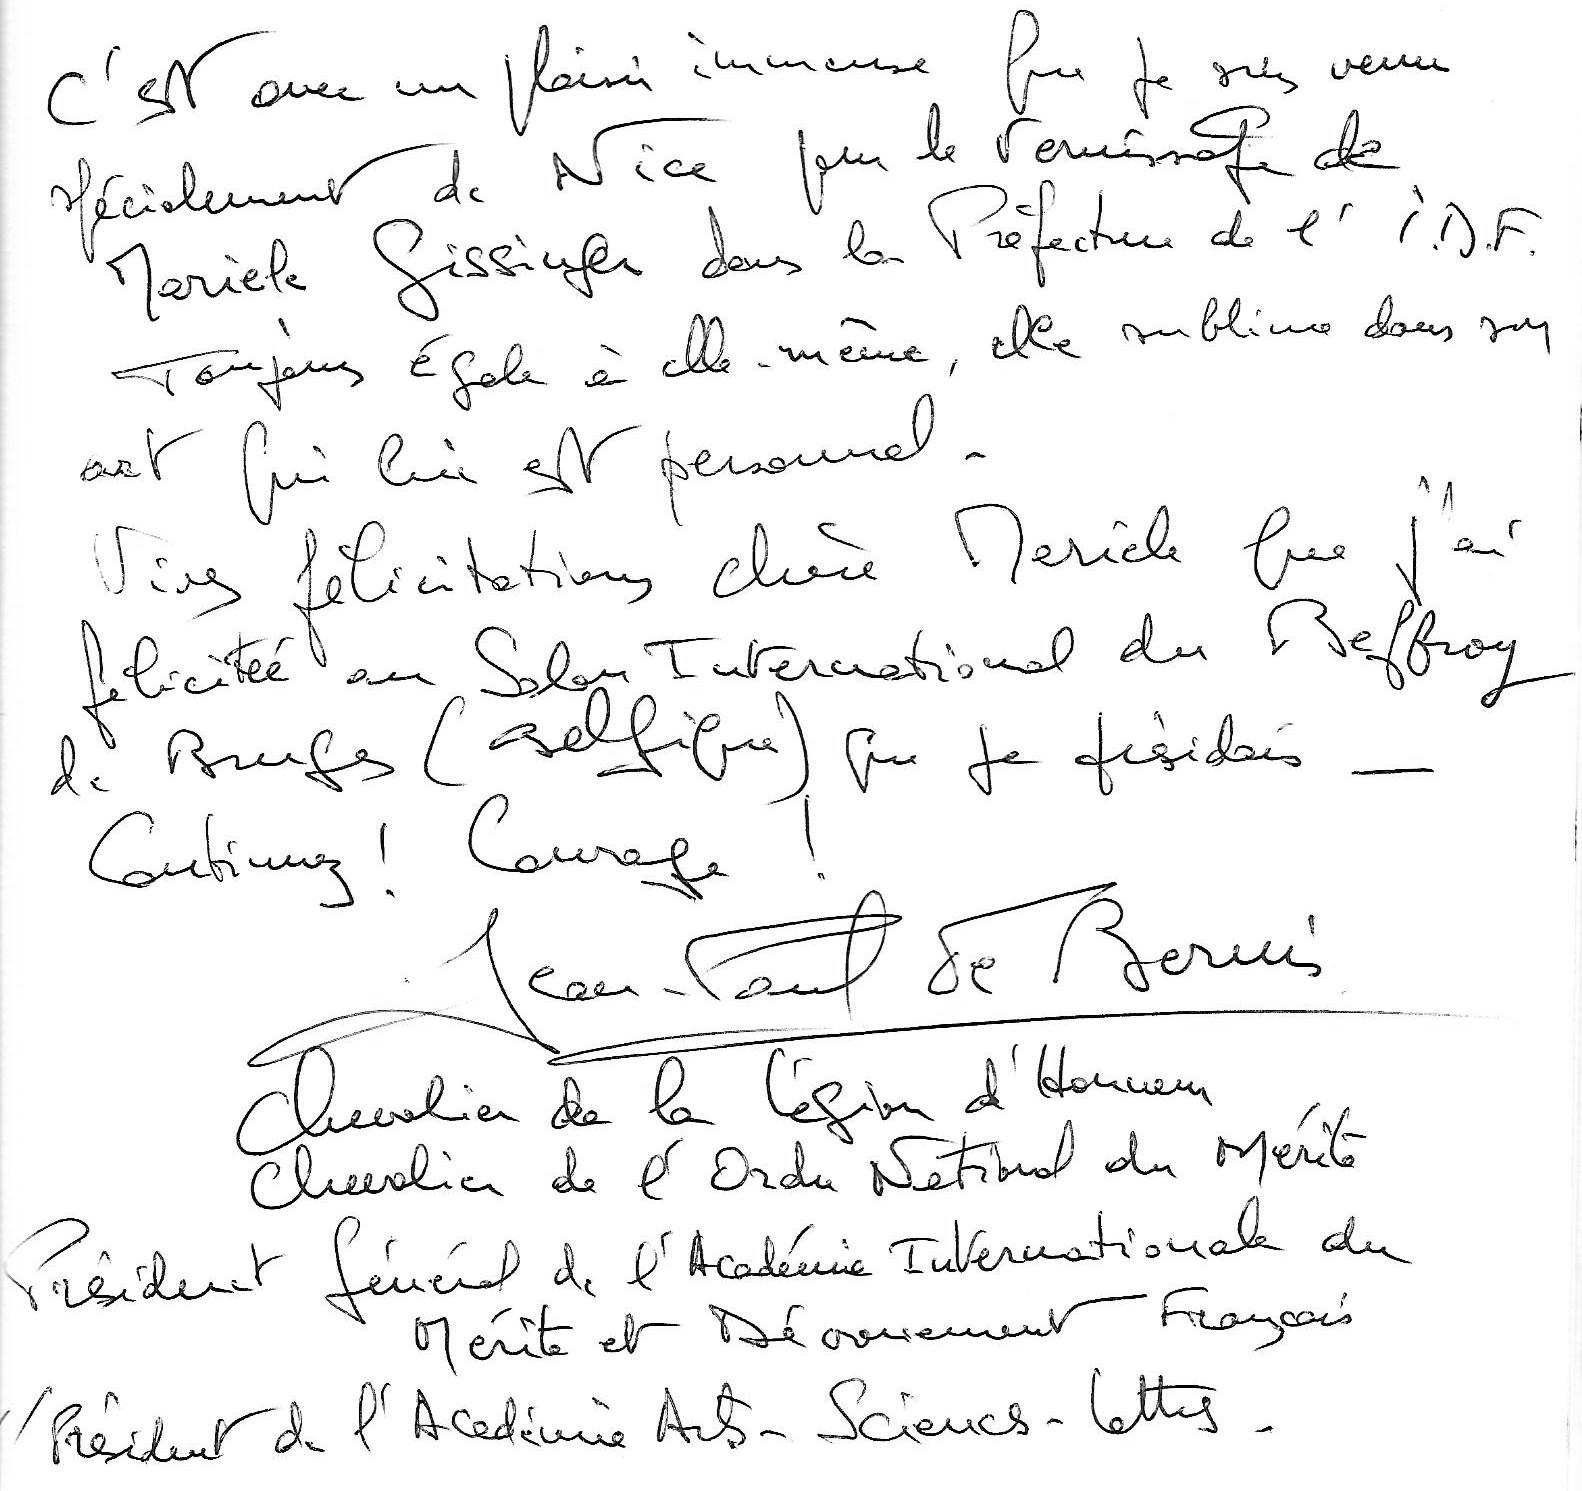 Gissinger-Mariele-Peinture-huile-Peinte-Artiste-Art-gm-Alsace-France– Le-Monde – salon automne – Paris – prefecture paris-ile de France-JP de Bernis- Président Mérite et dévouement